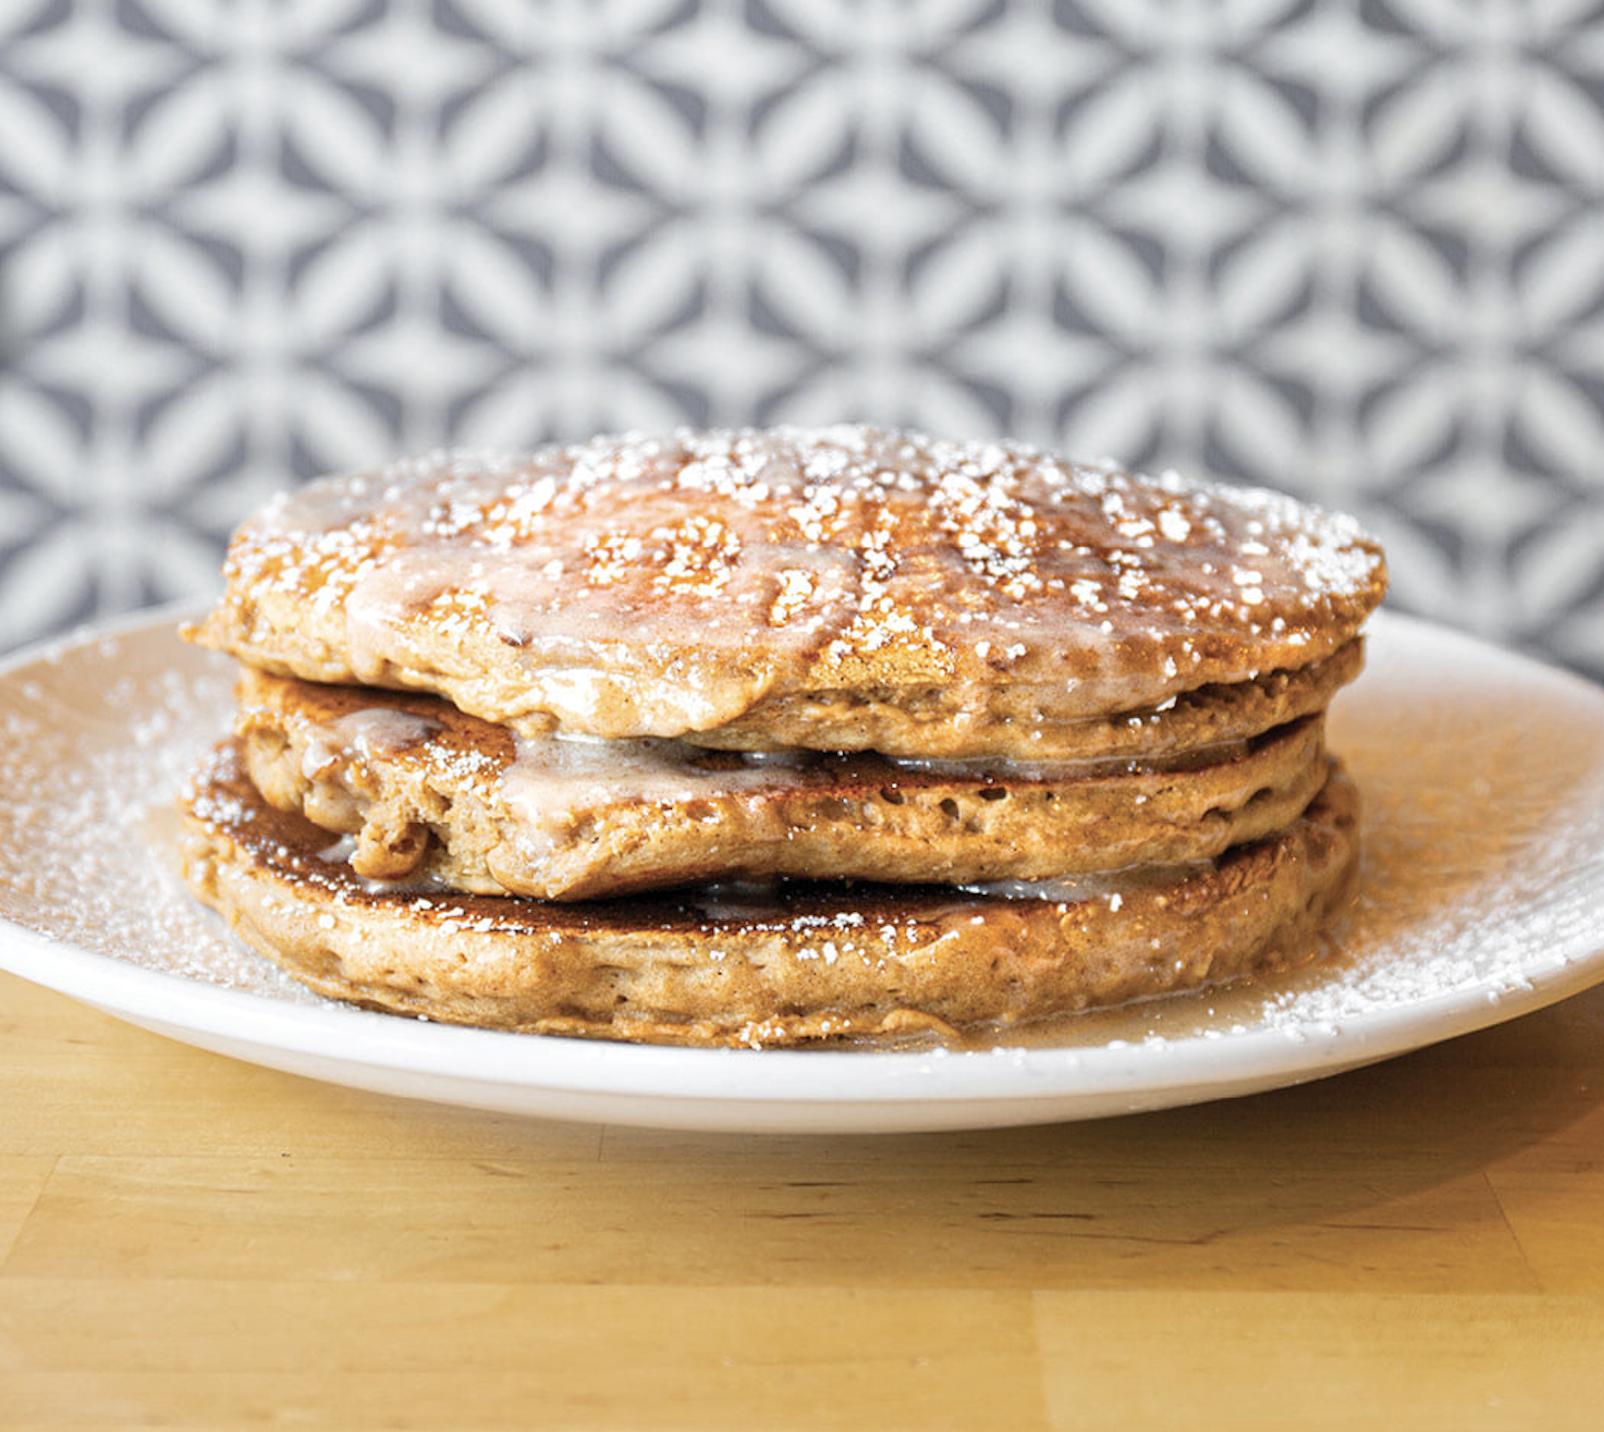 NEW – Autumn Pancakes & More